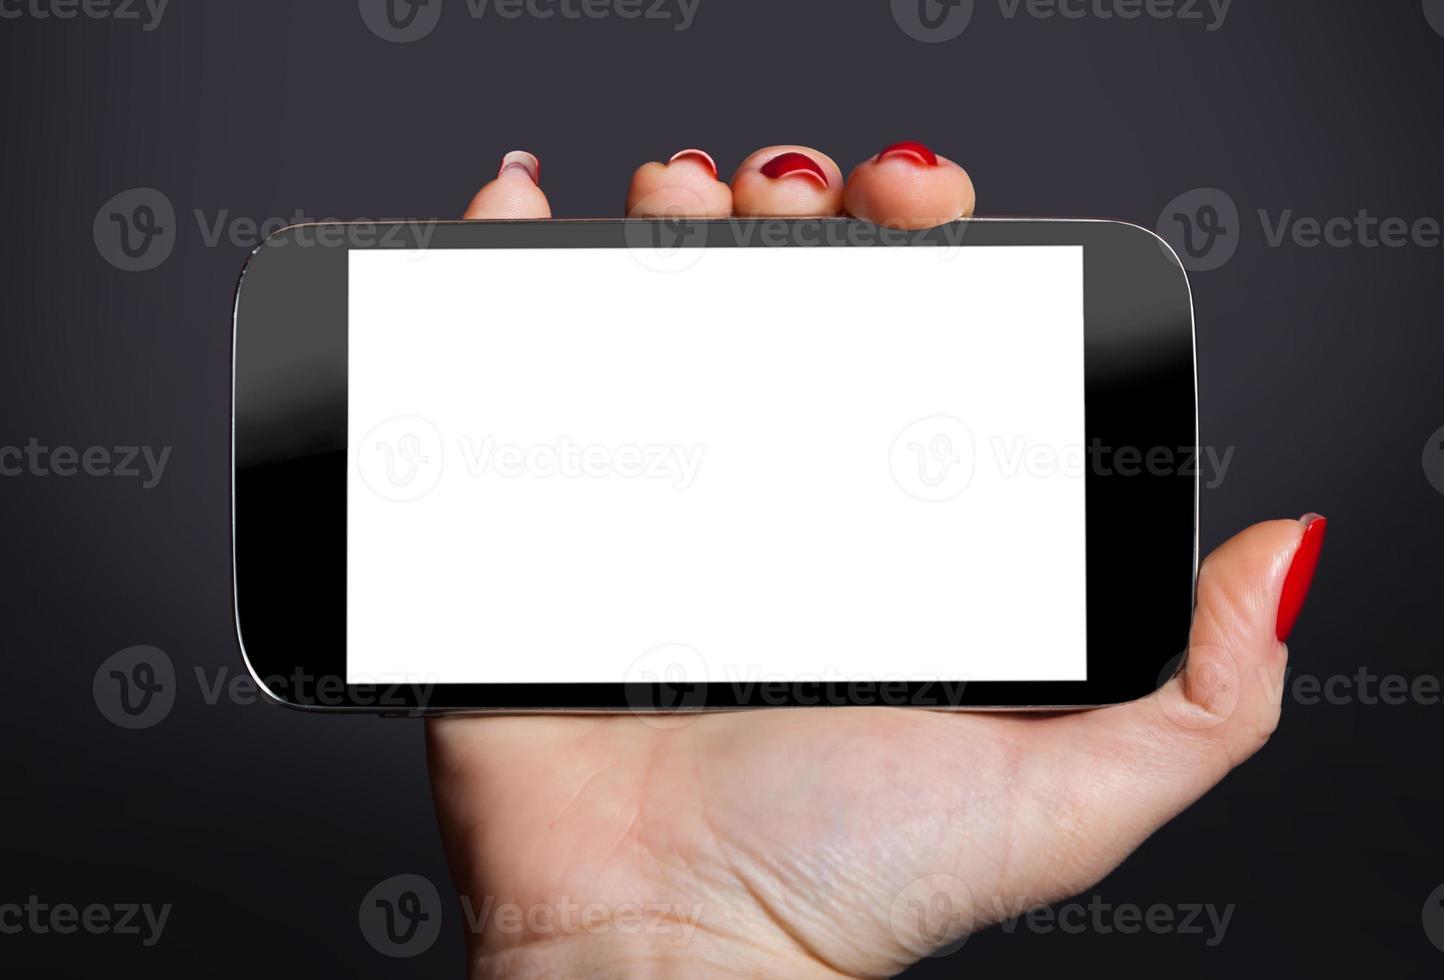 telefone celular em uma mão feminina foto